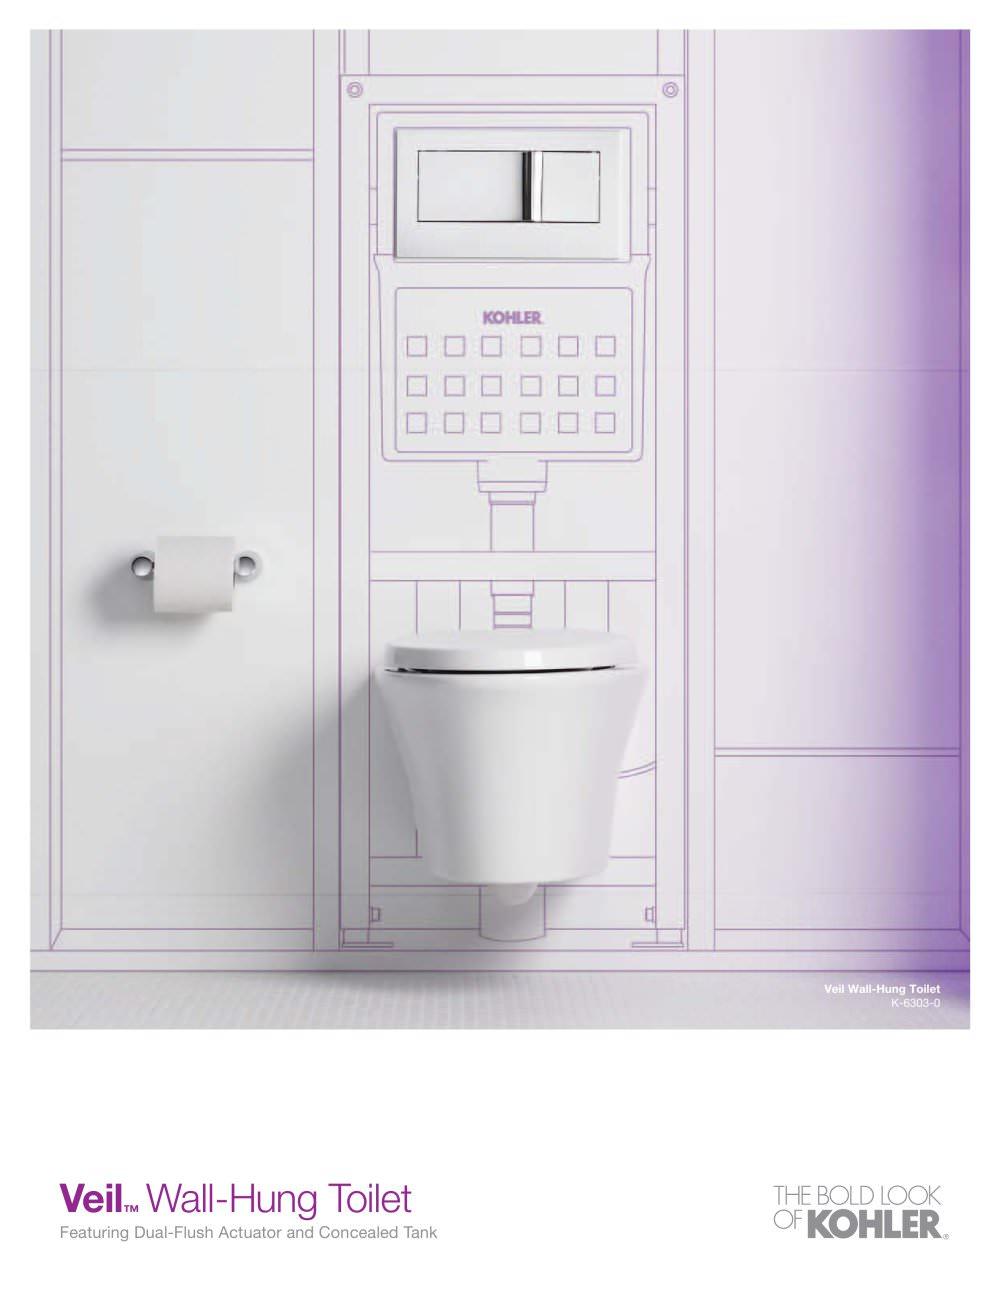 veil wall hung toilet sell sheet kohler pdf catalogues - Wall Hung Toilet